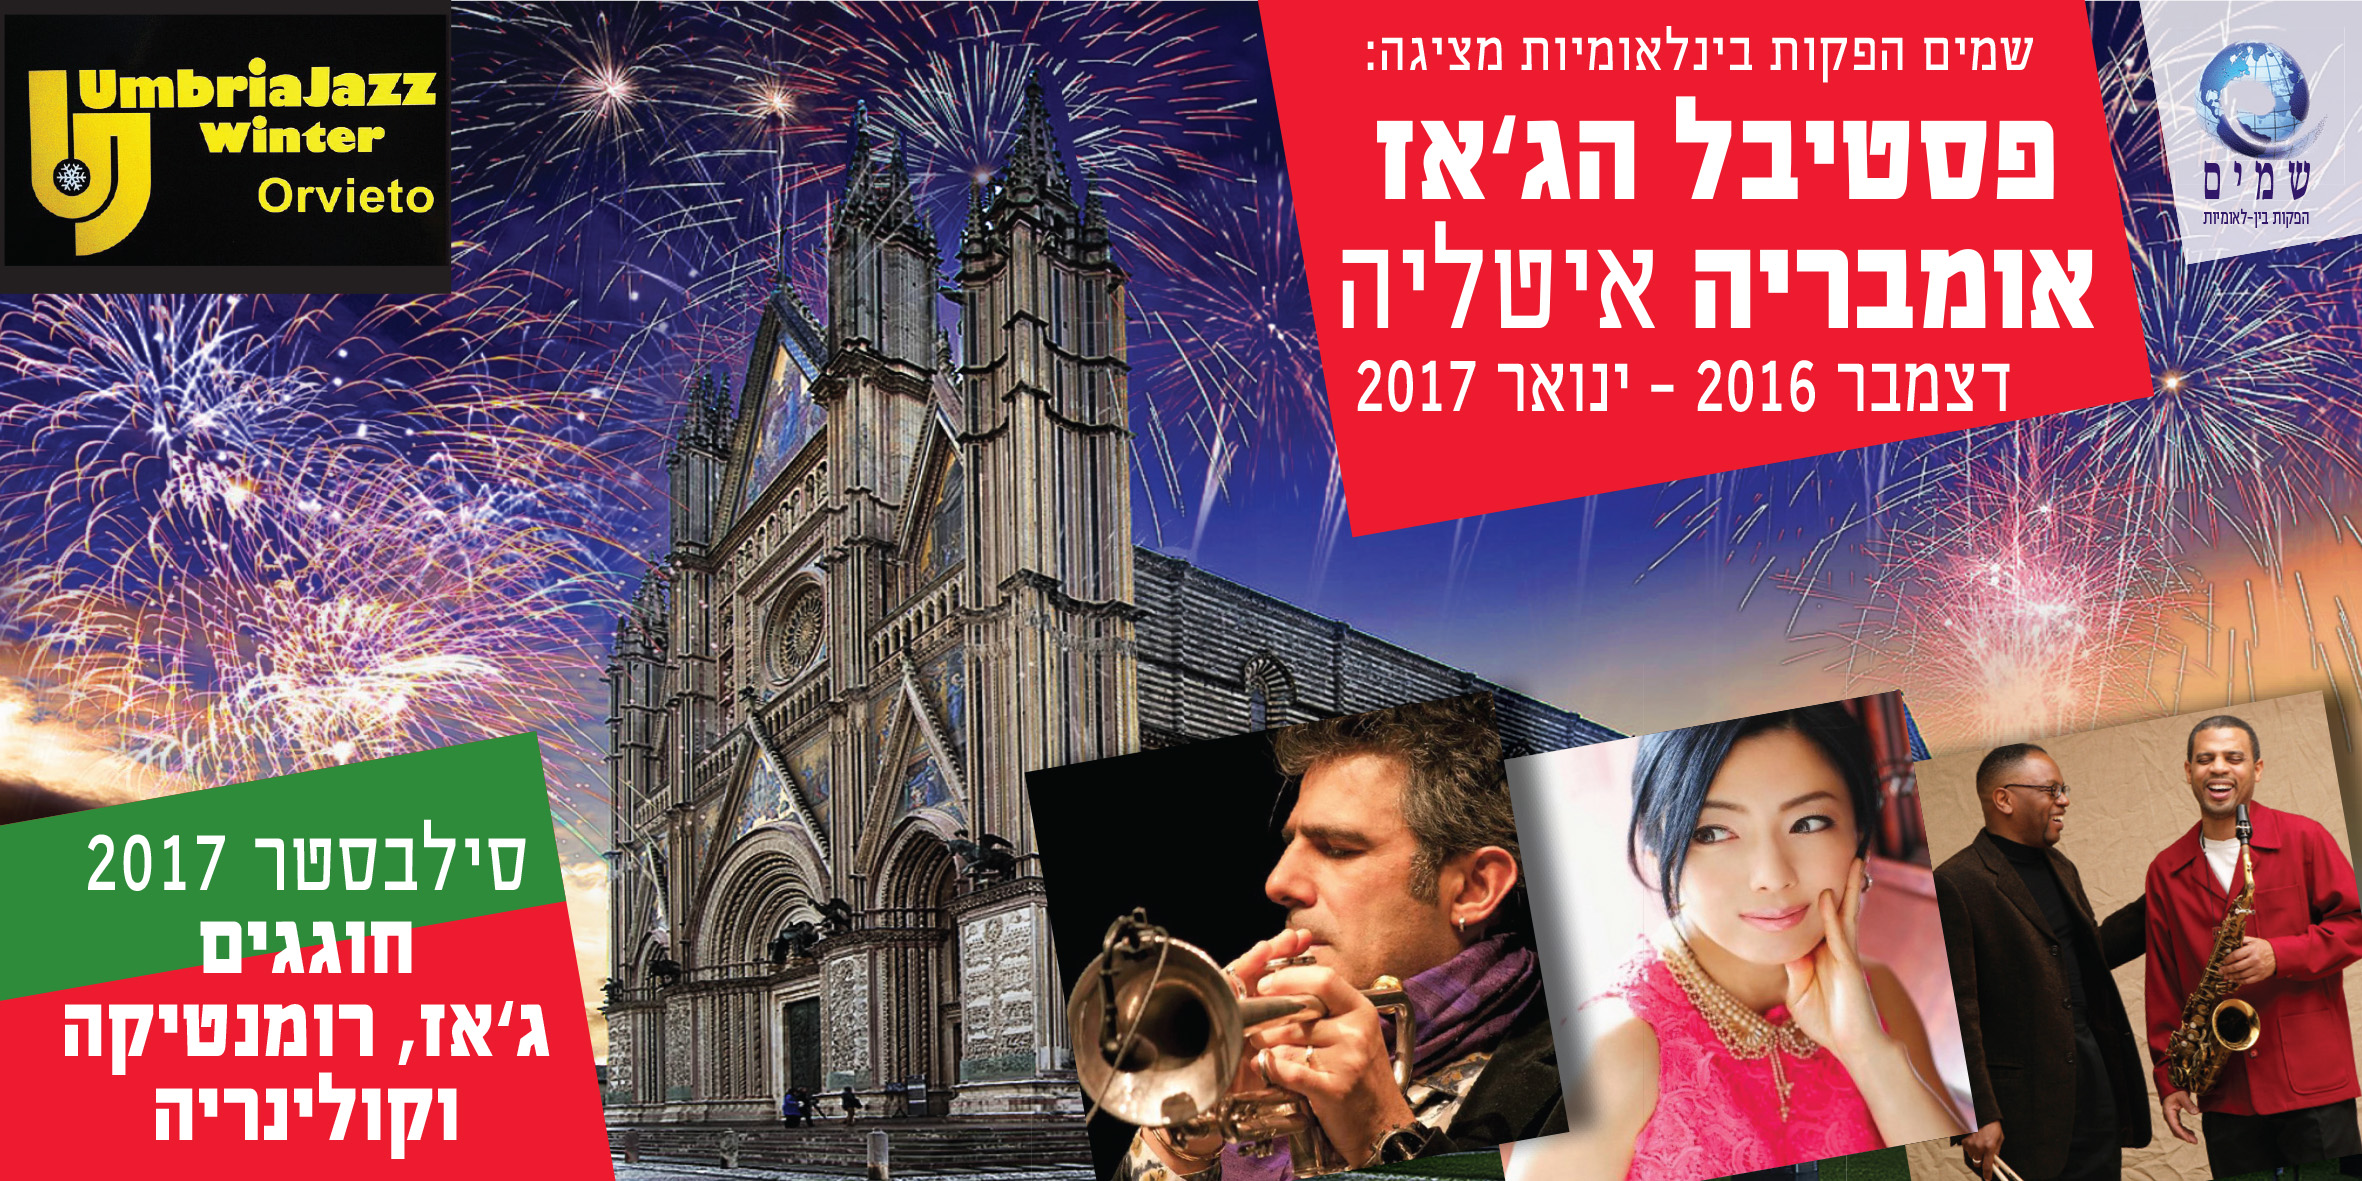 חוגגים סילבסטר בפסטיבל הג'אז באומבריה